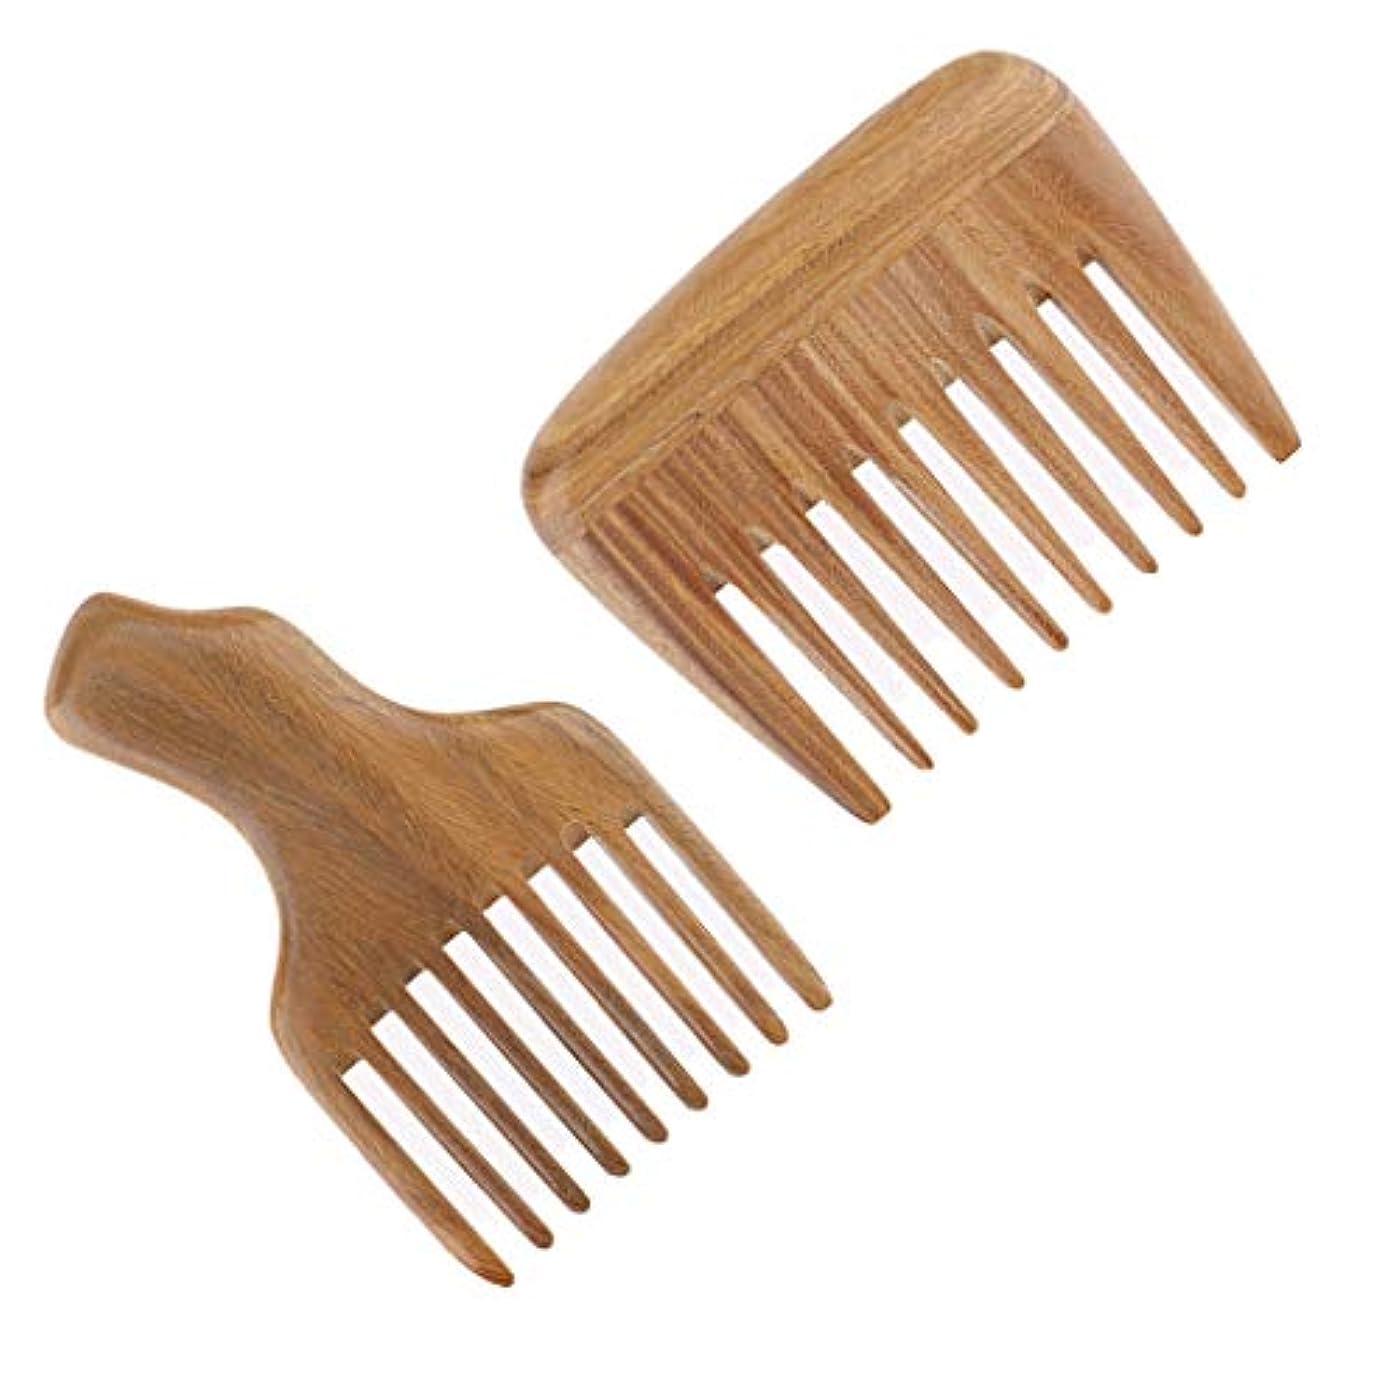 多数の受け入れた明日T TOOYFUL 木製コーム ヘアブラシ ヘアコーム 粗い櫛 ユニセックス 理髪店 サロン アクセサリー 2個入り